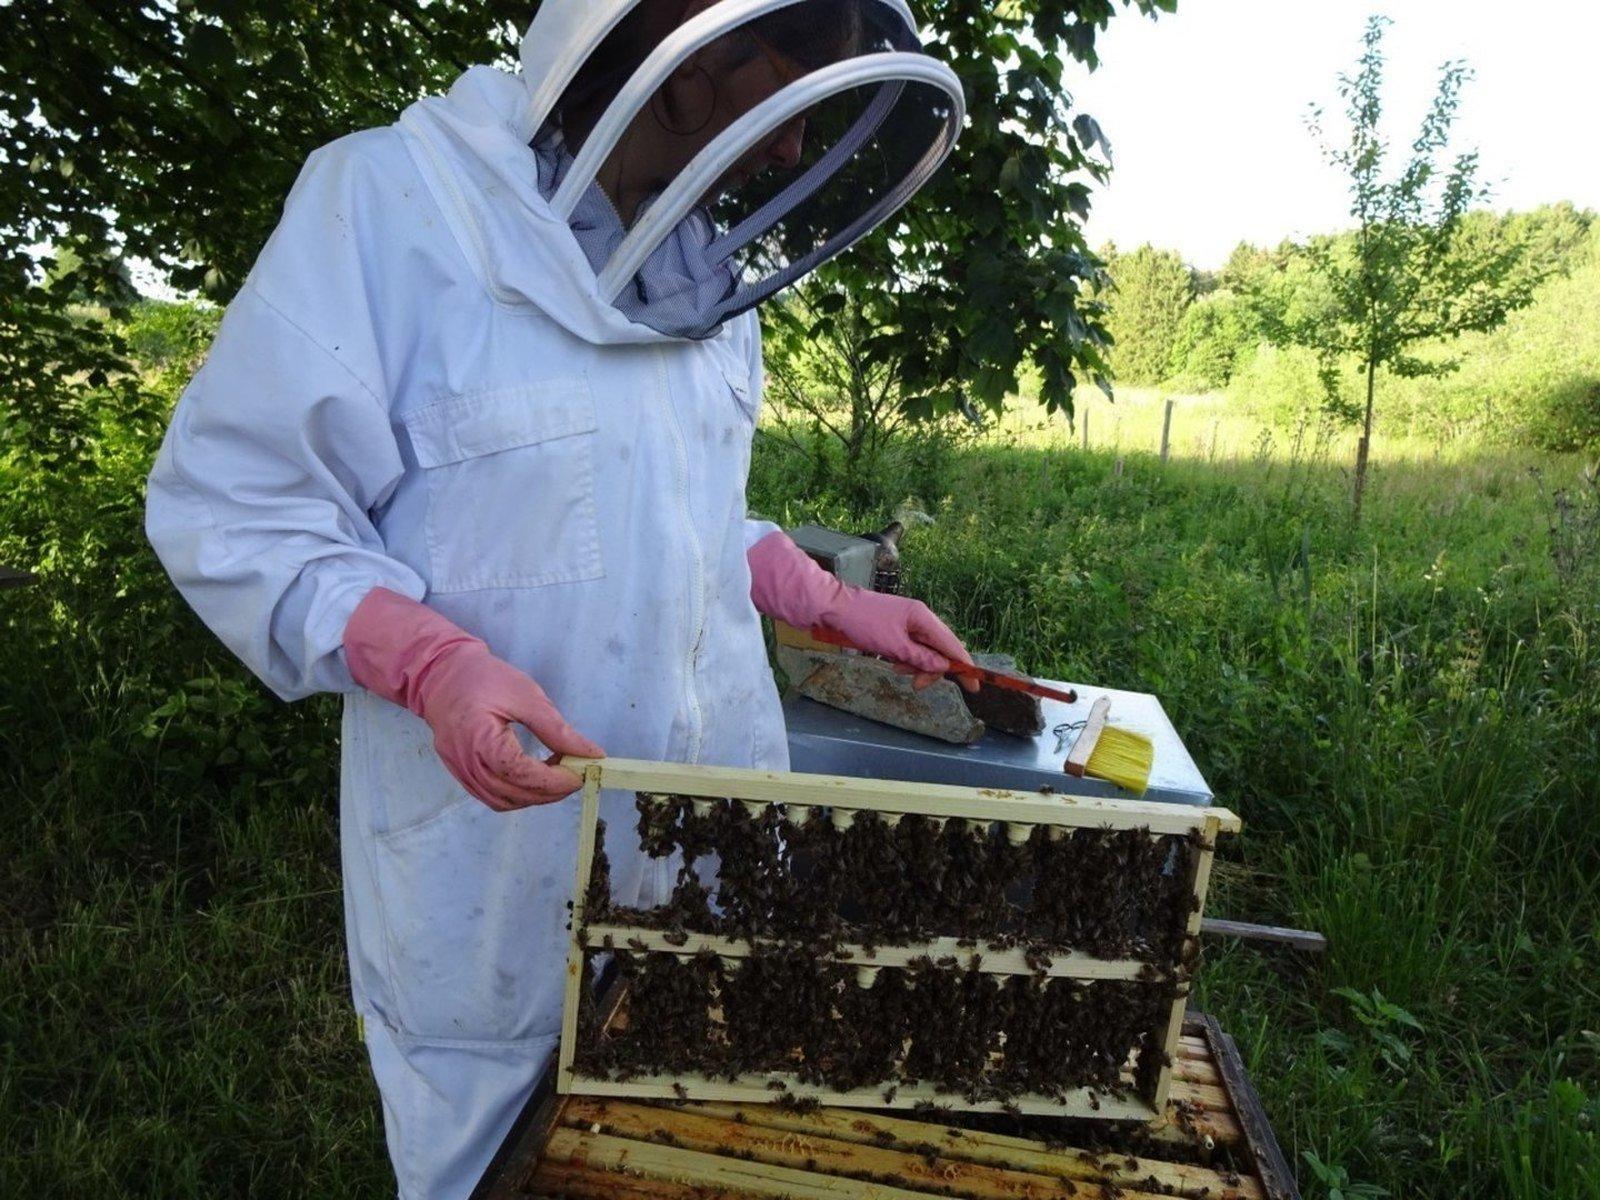 Les Butineuses srl - Apiculture - Vente de produits de la ruche et dérivés - Vente d'essaims, de reines - Vente de matériel apicole